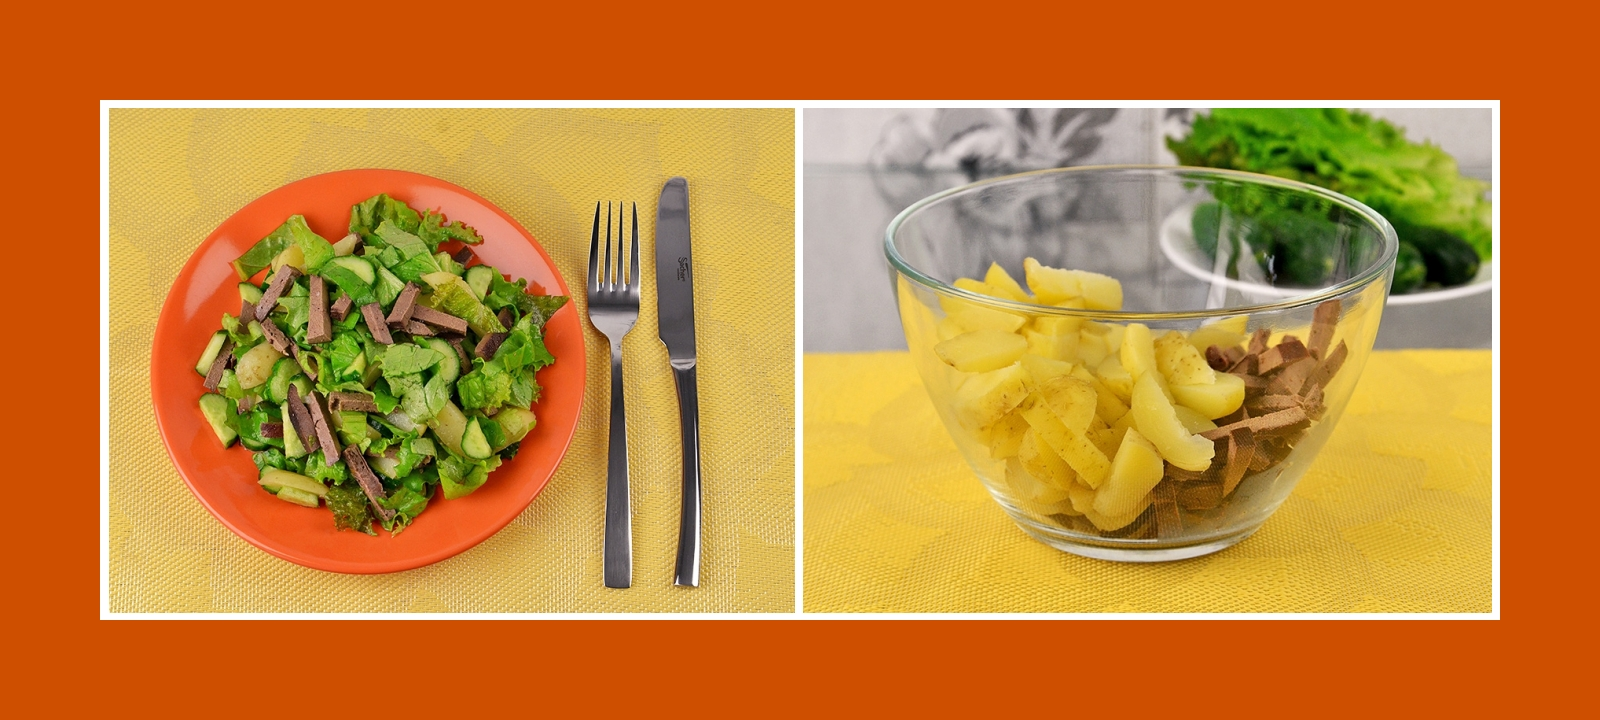 Rindleber und Kartoffeln für gesunden Salat